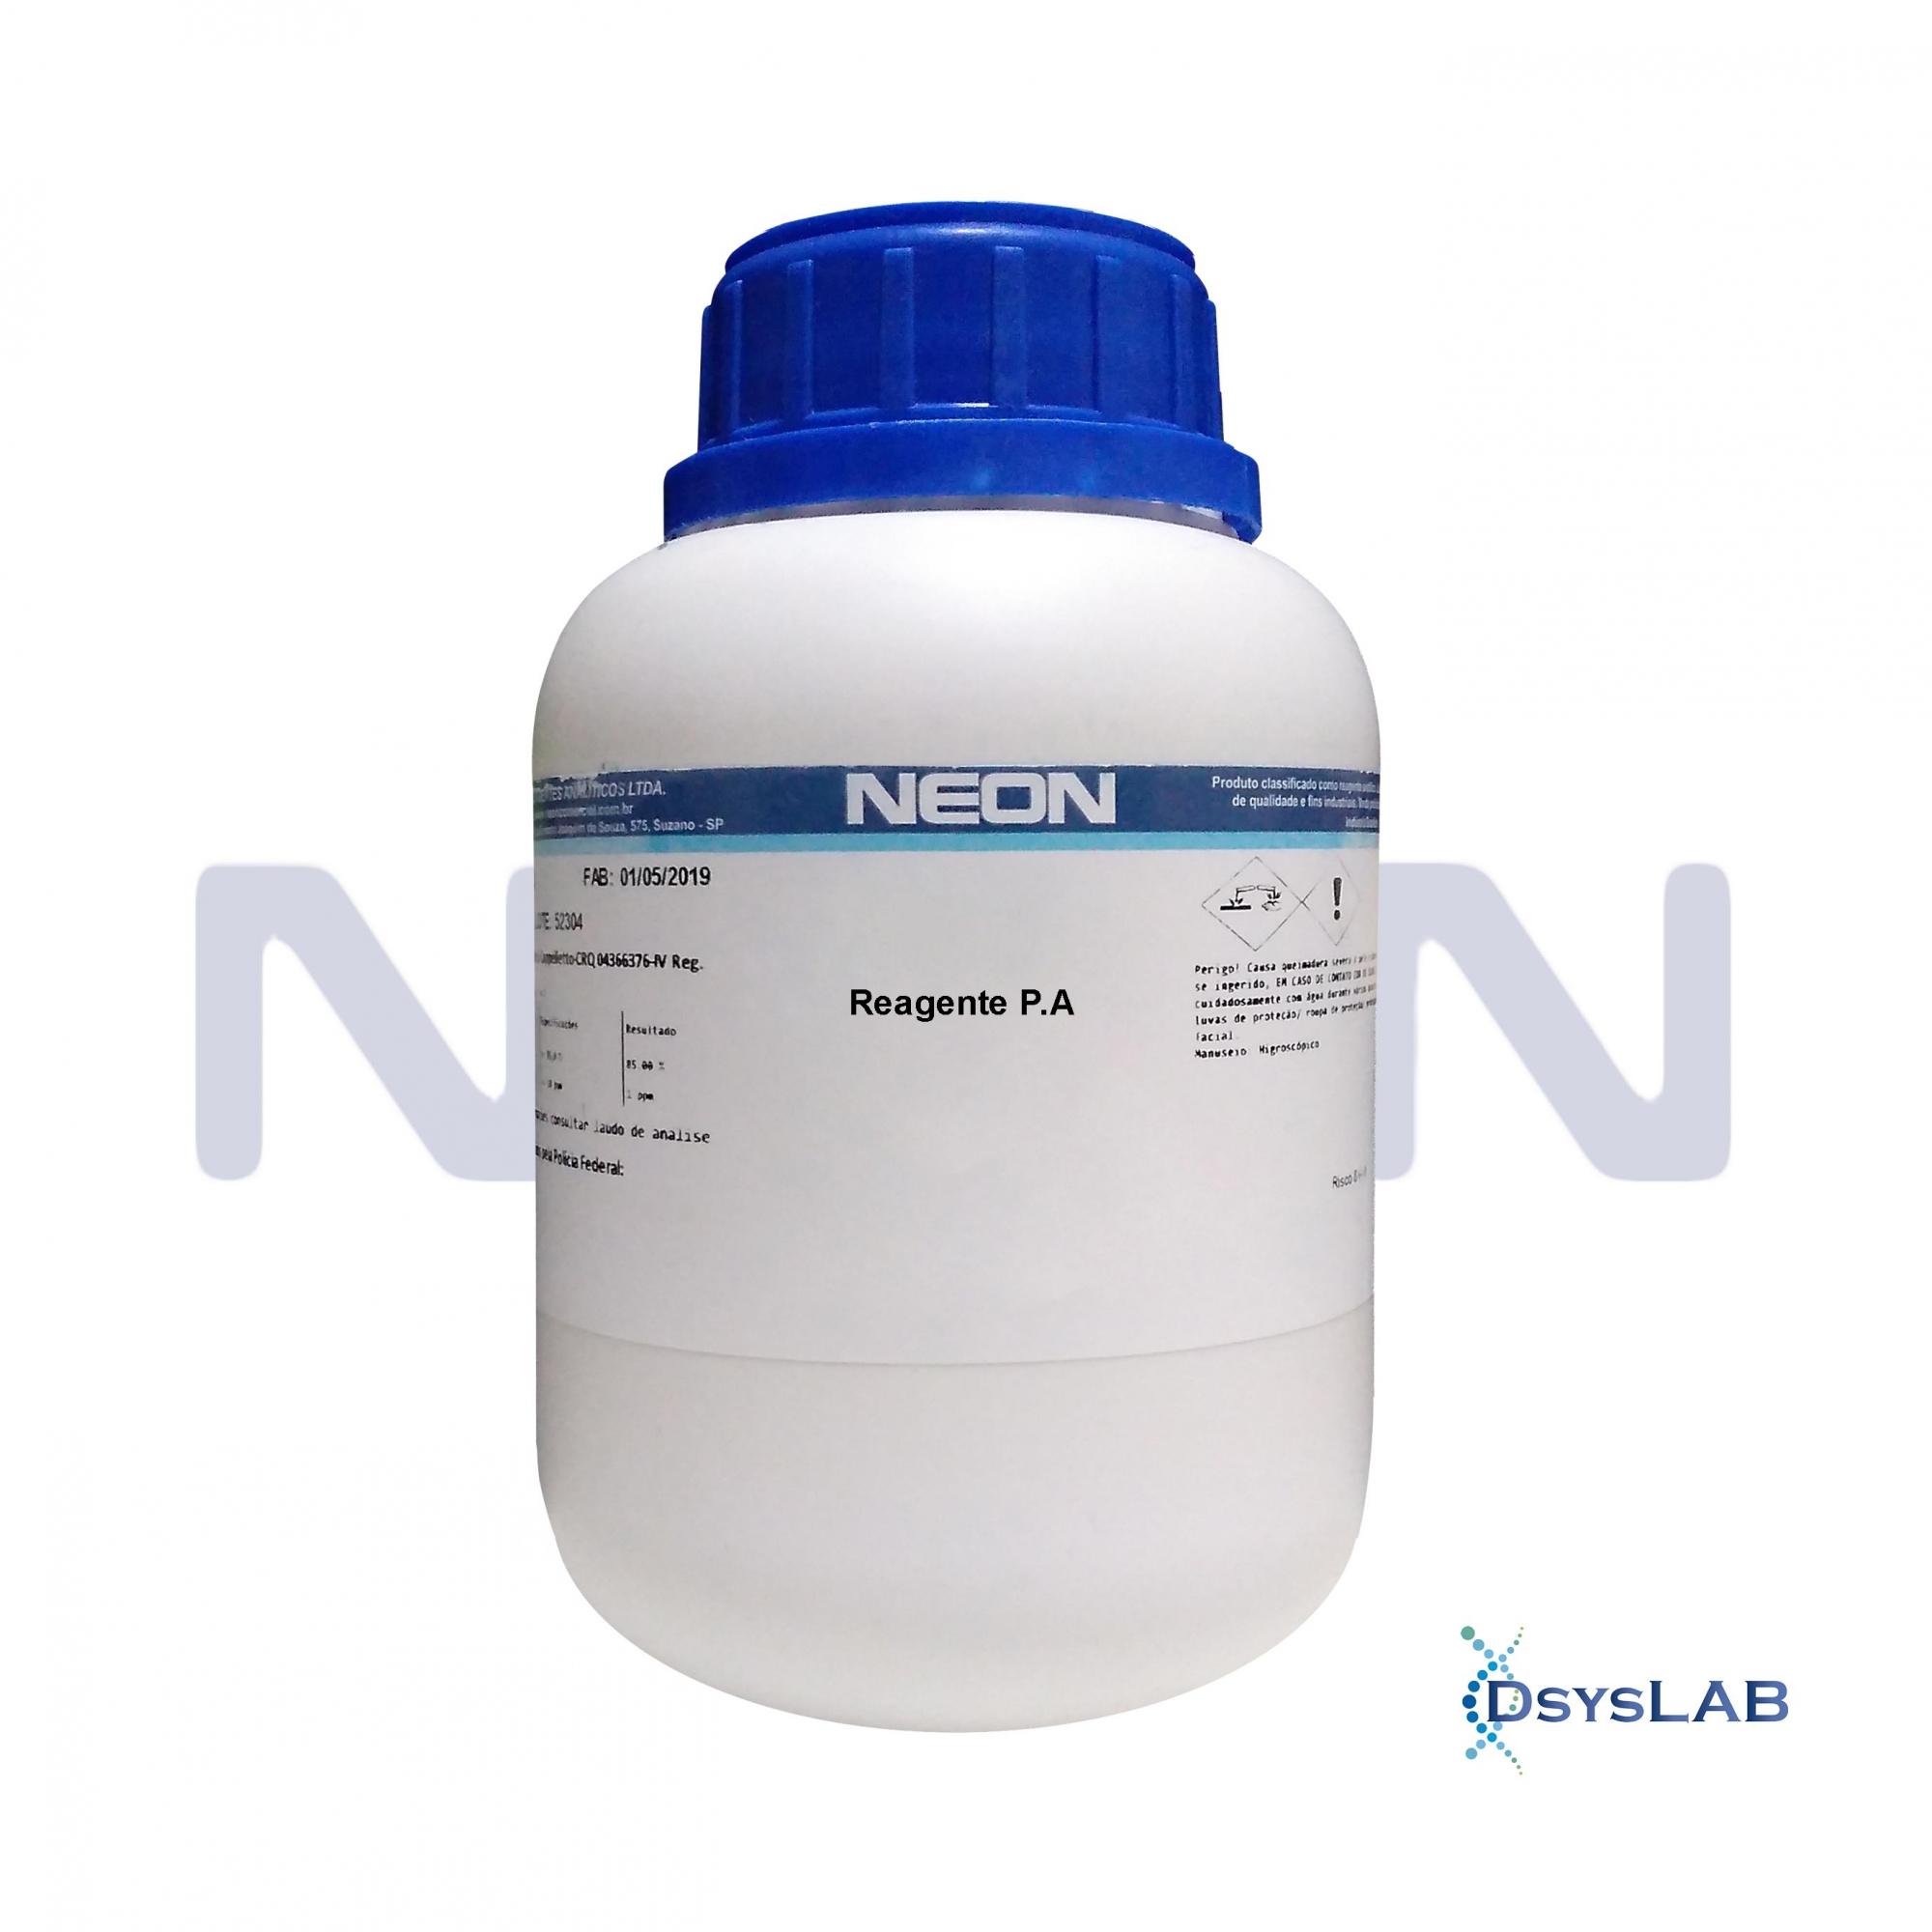 Polietilenoglicol 6000 CAS 25322-68-3 NEON